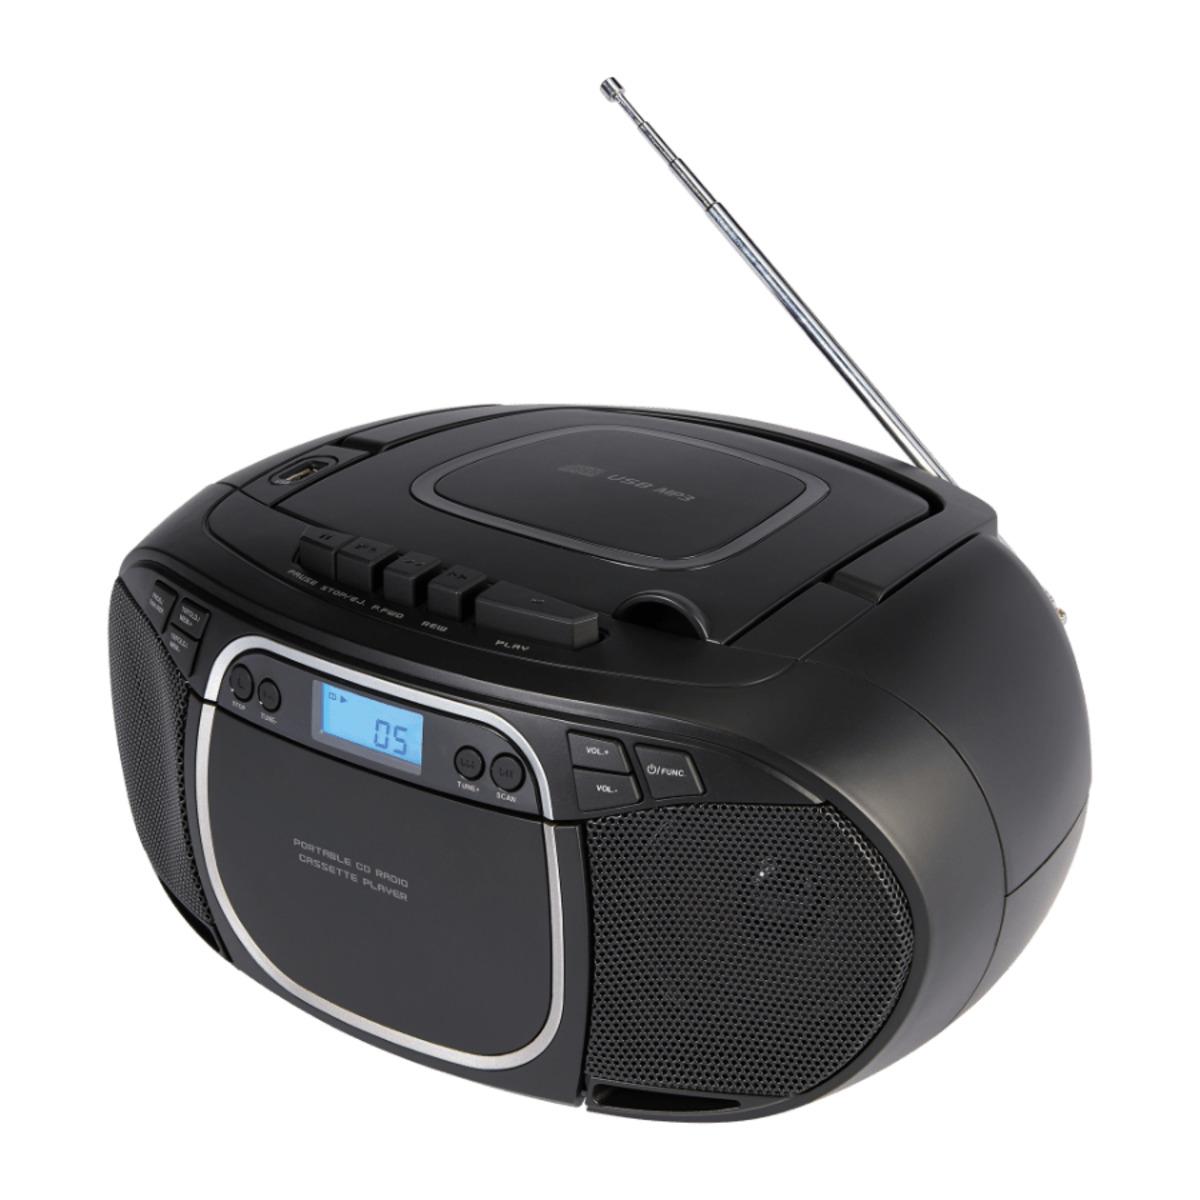 Bild 5 von MEDION     CD- / MP3- / Kassettenspieler E66476 (MD44176)